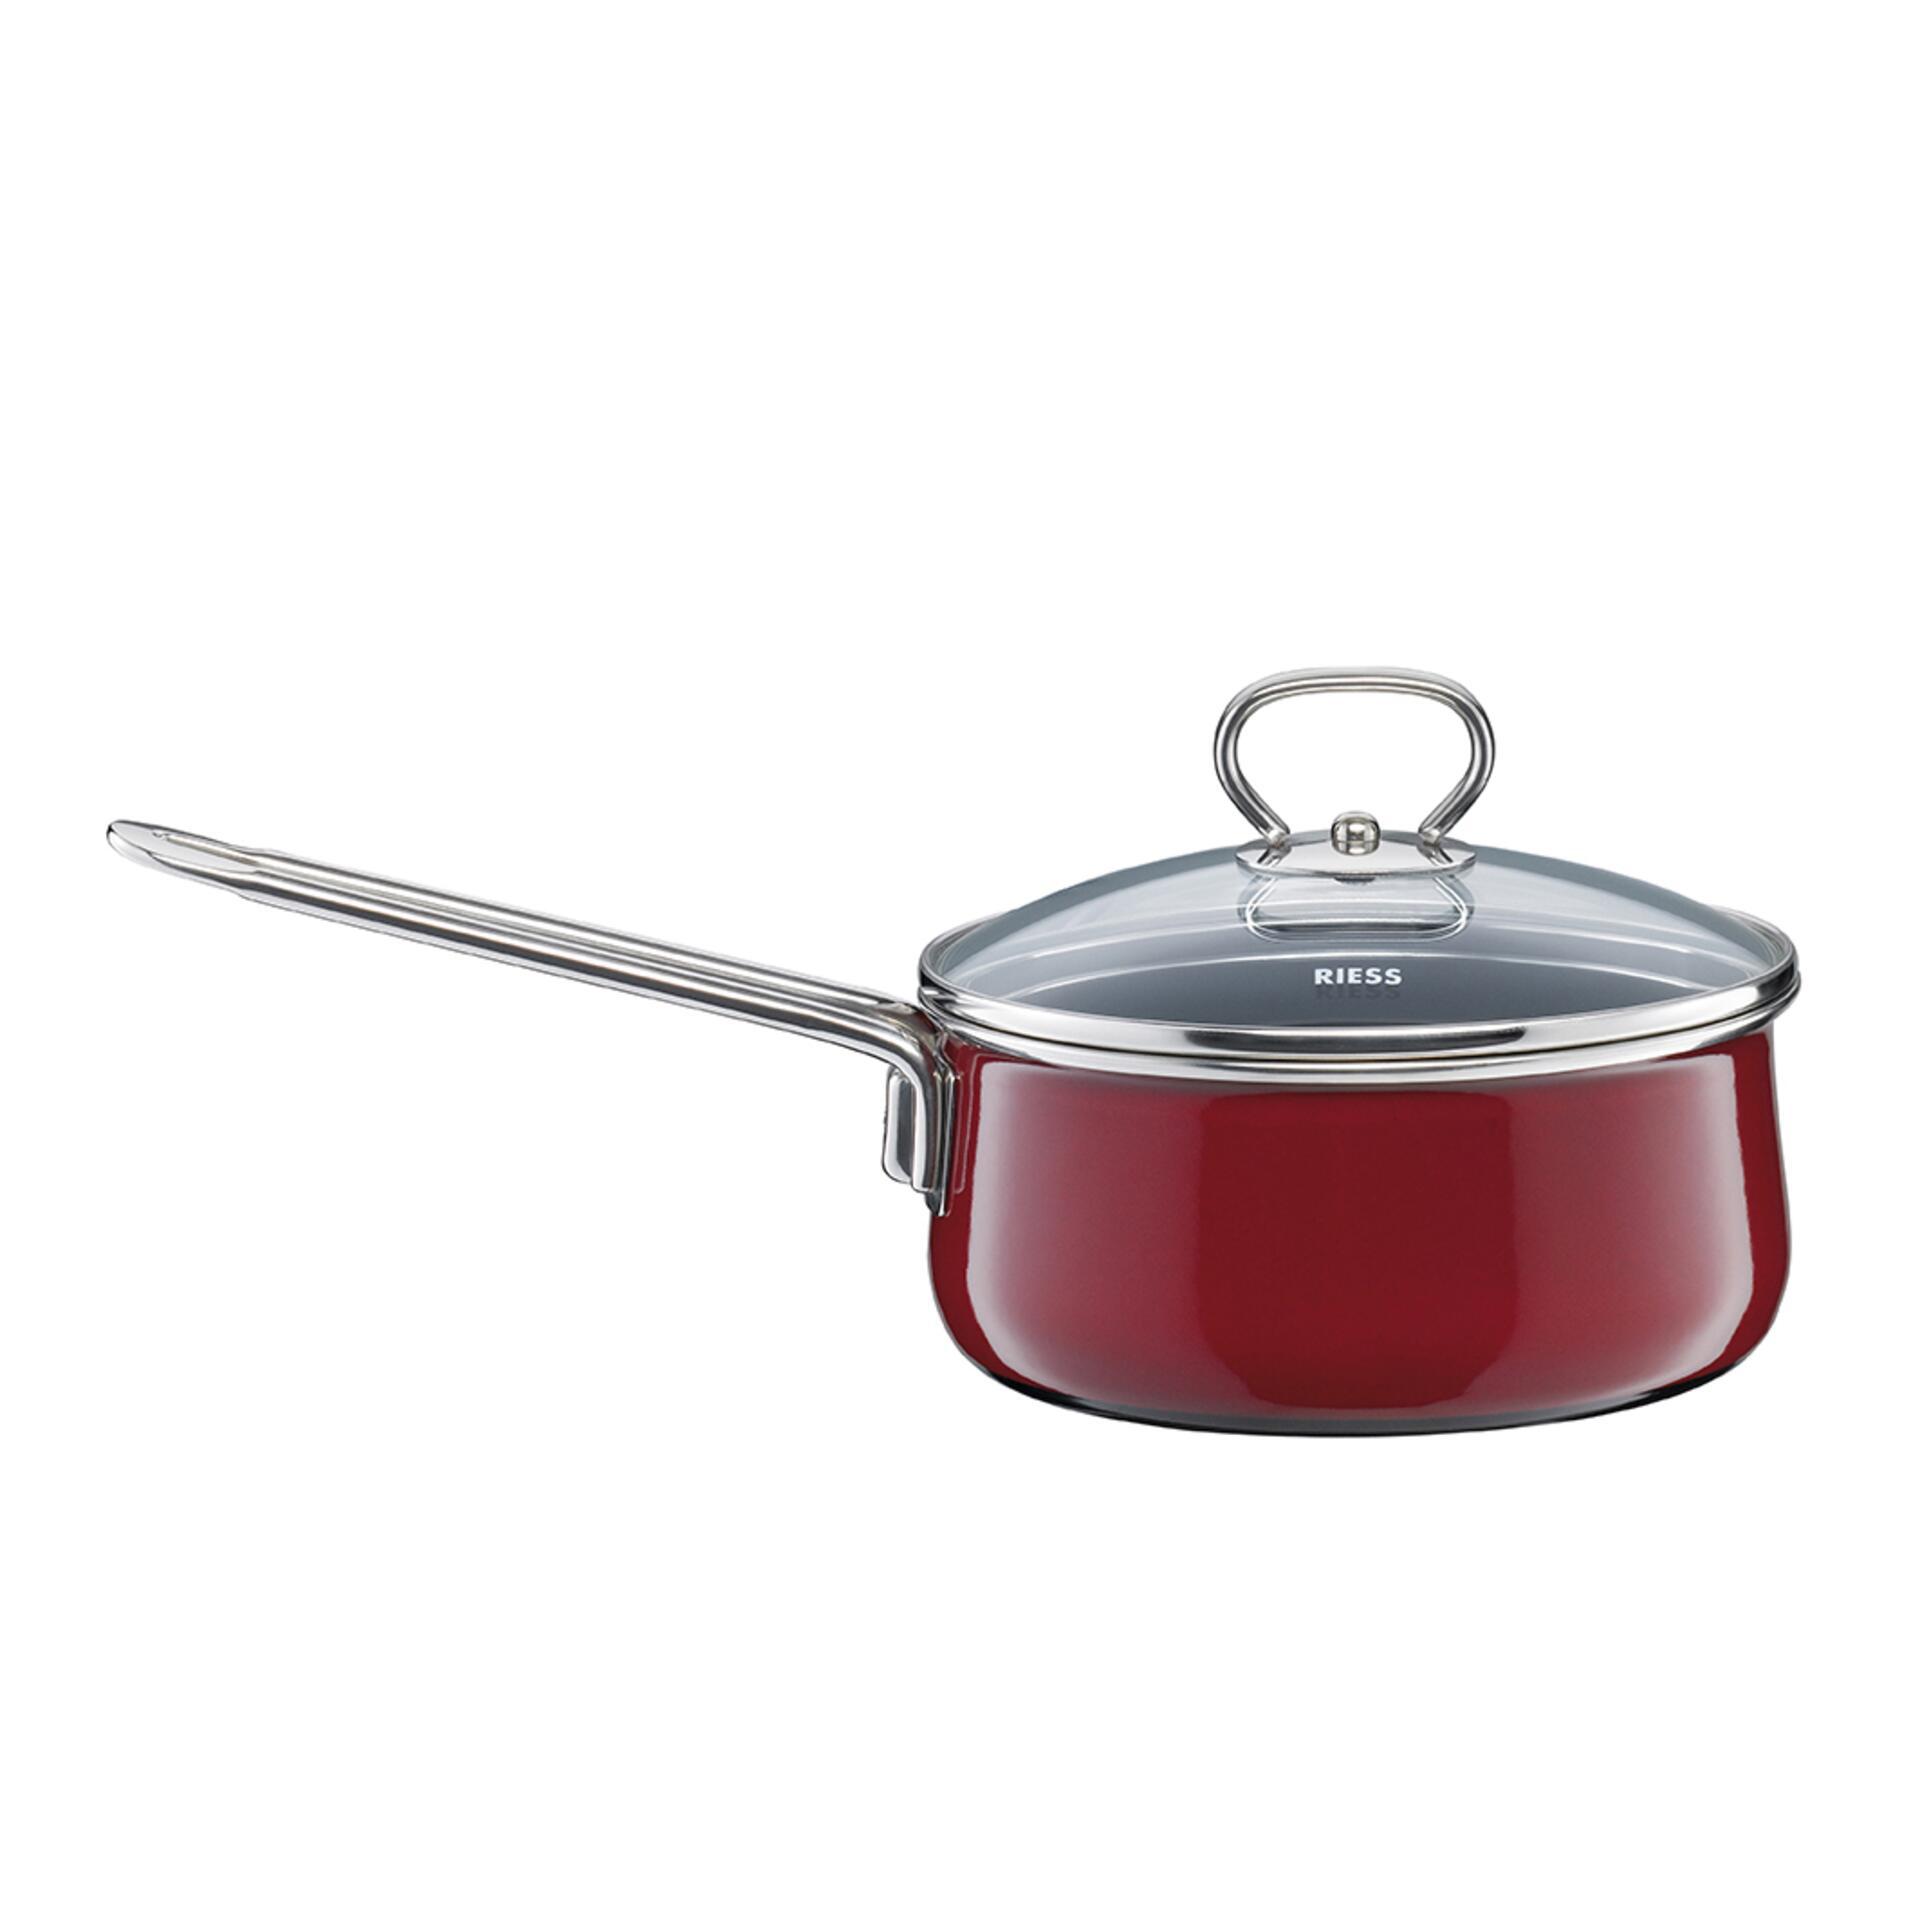 Riess Emaille Stielkasserolle mit Glasdeckel 16 cm 1 l Nouvelle Rosso Top 3000